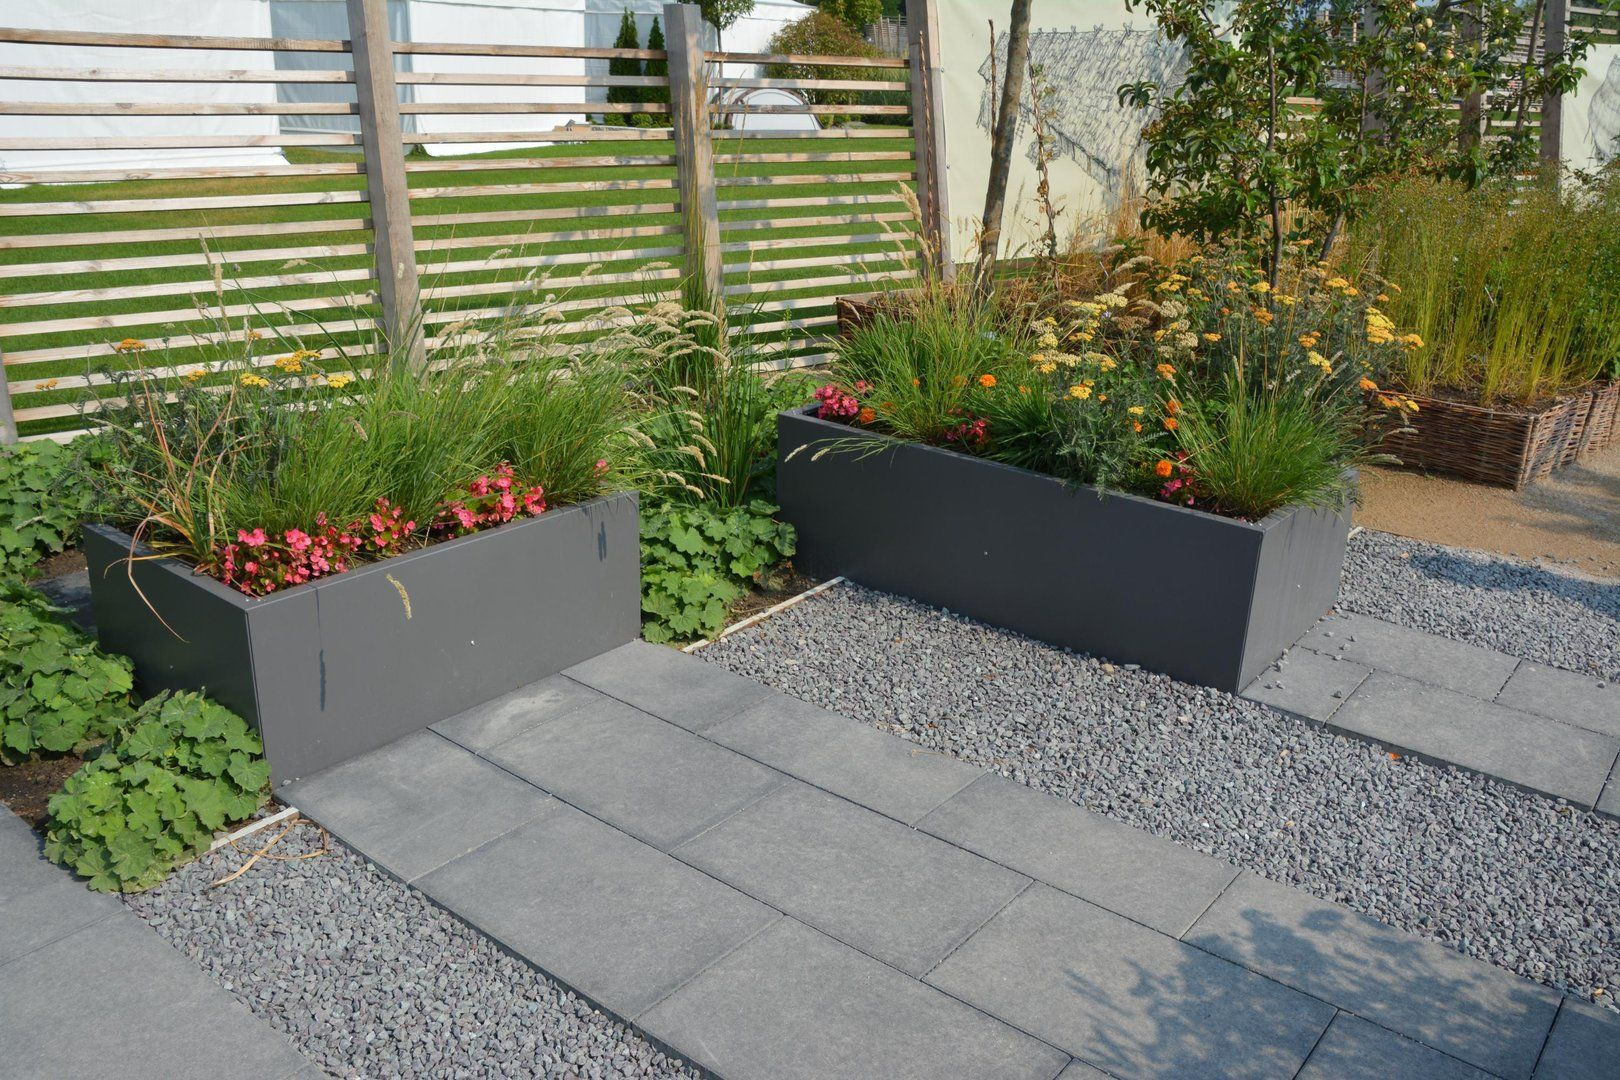 Hochbeet Urban Metall 0 3 X 0 3 M Hohe 0 5 M Beschichtet Hochbeet Gartenboden Gartenarbeit